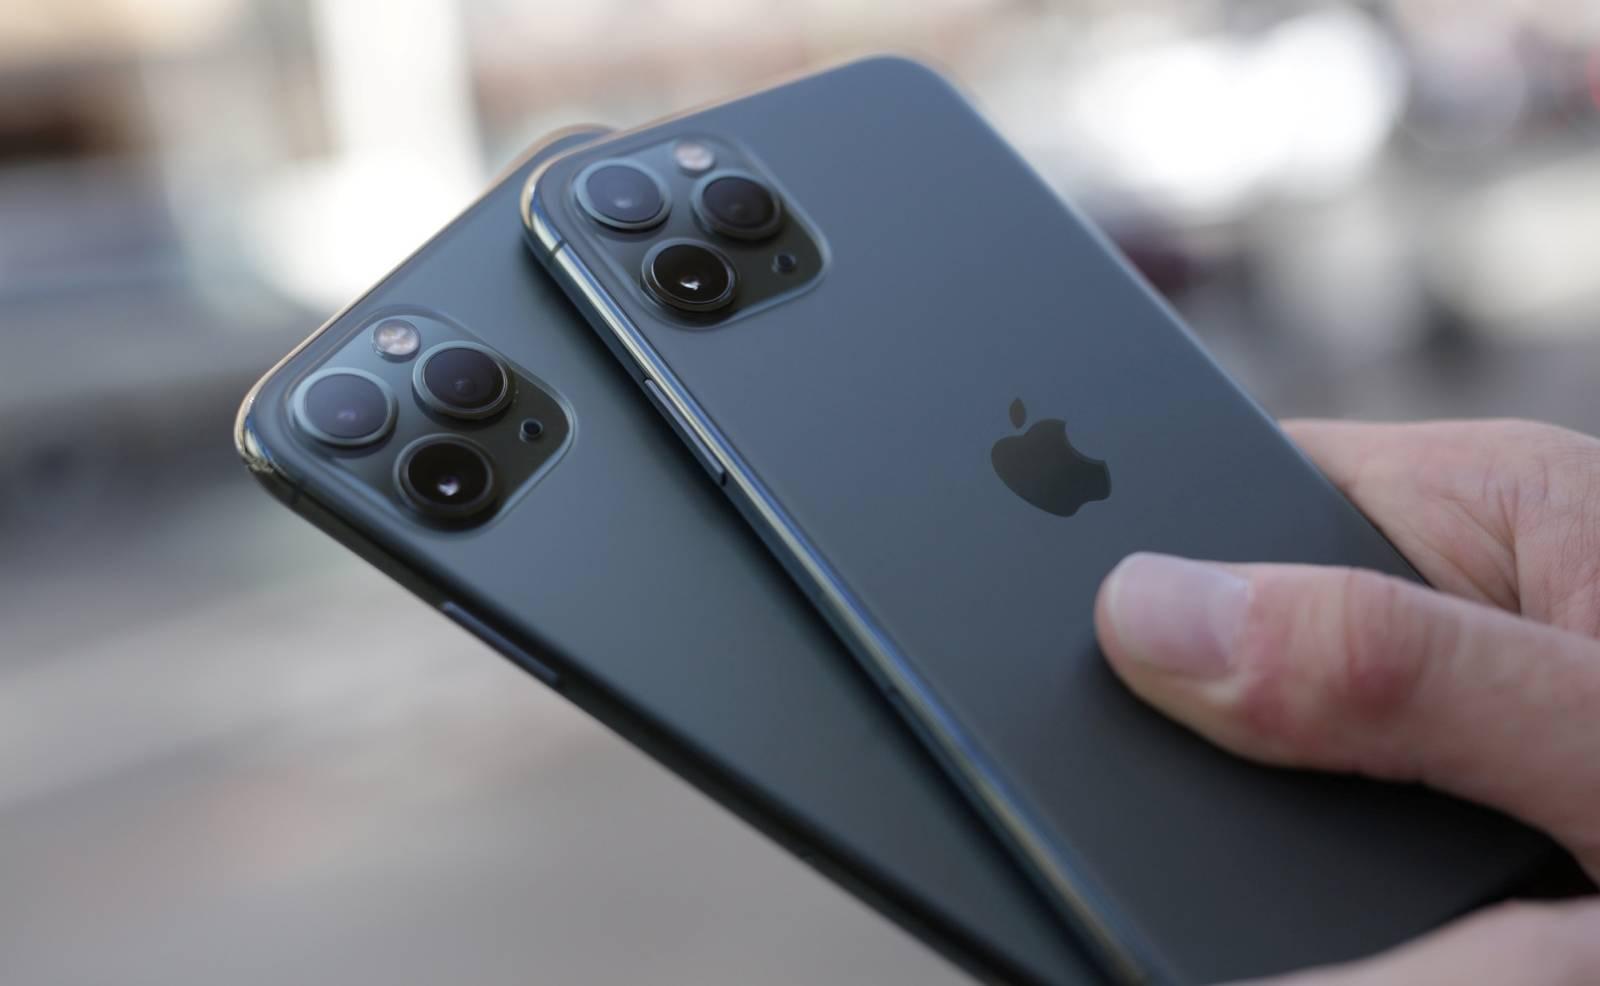 Apple. Vanzari UIMITOR de Mare pentru Noua Serie iPhone 11